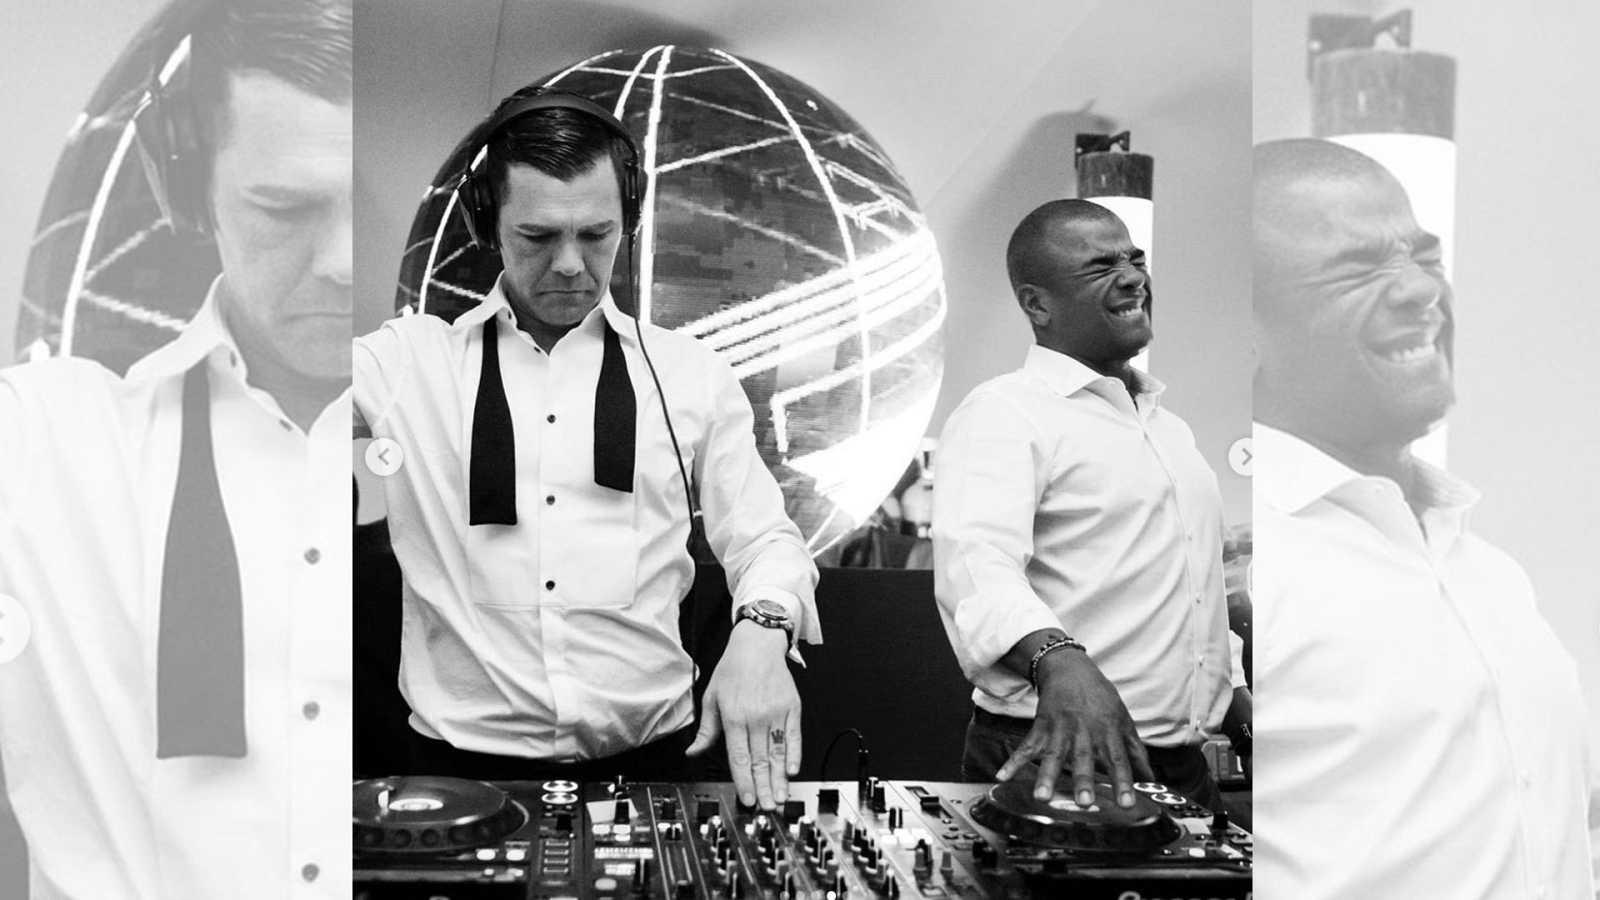 """Fonsi Nieto homenajea al DJ Erick Morillo con esta imagen tras conocer la muerte de éste. La foto fue tomada durante la celebración de su boda con Marta Castro donde el músico autor de """"I like to move it"""" le dio una sorpresa"""